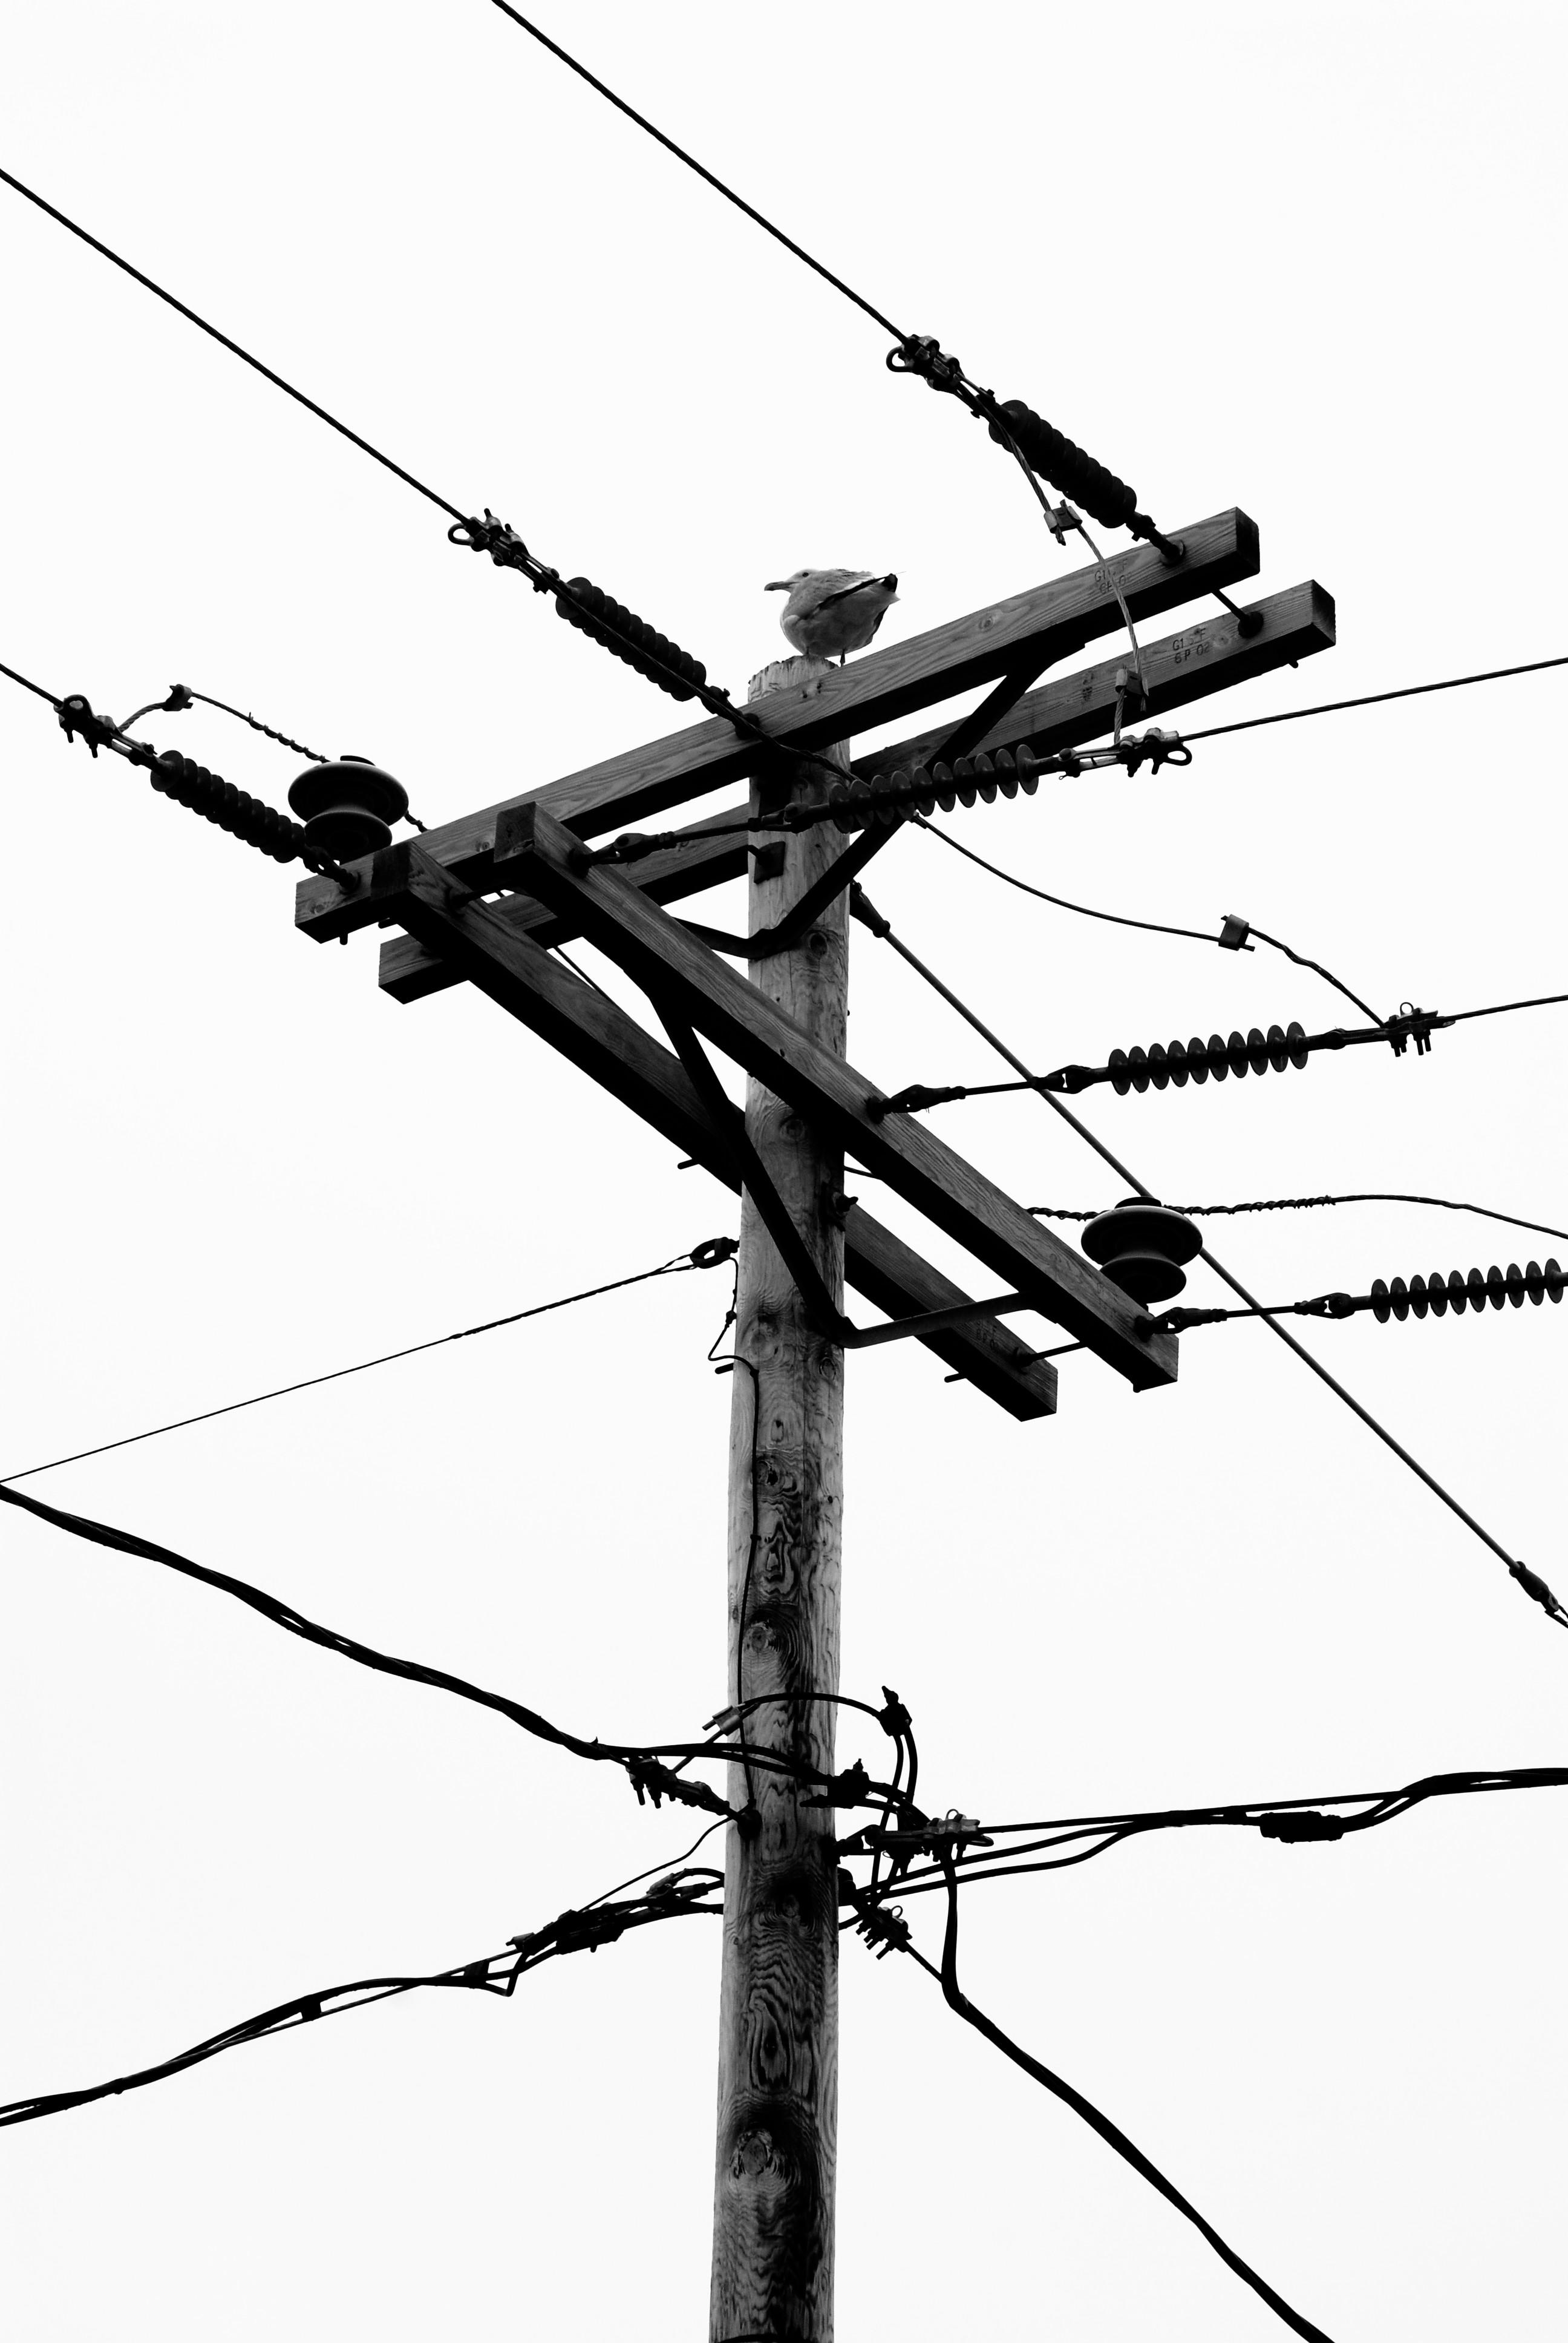 Kostenlose foto : Ast, Technologie, Antenne, Linie, Mast, Nikon ...